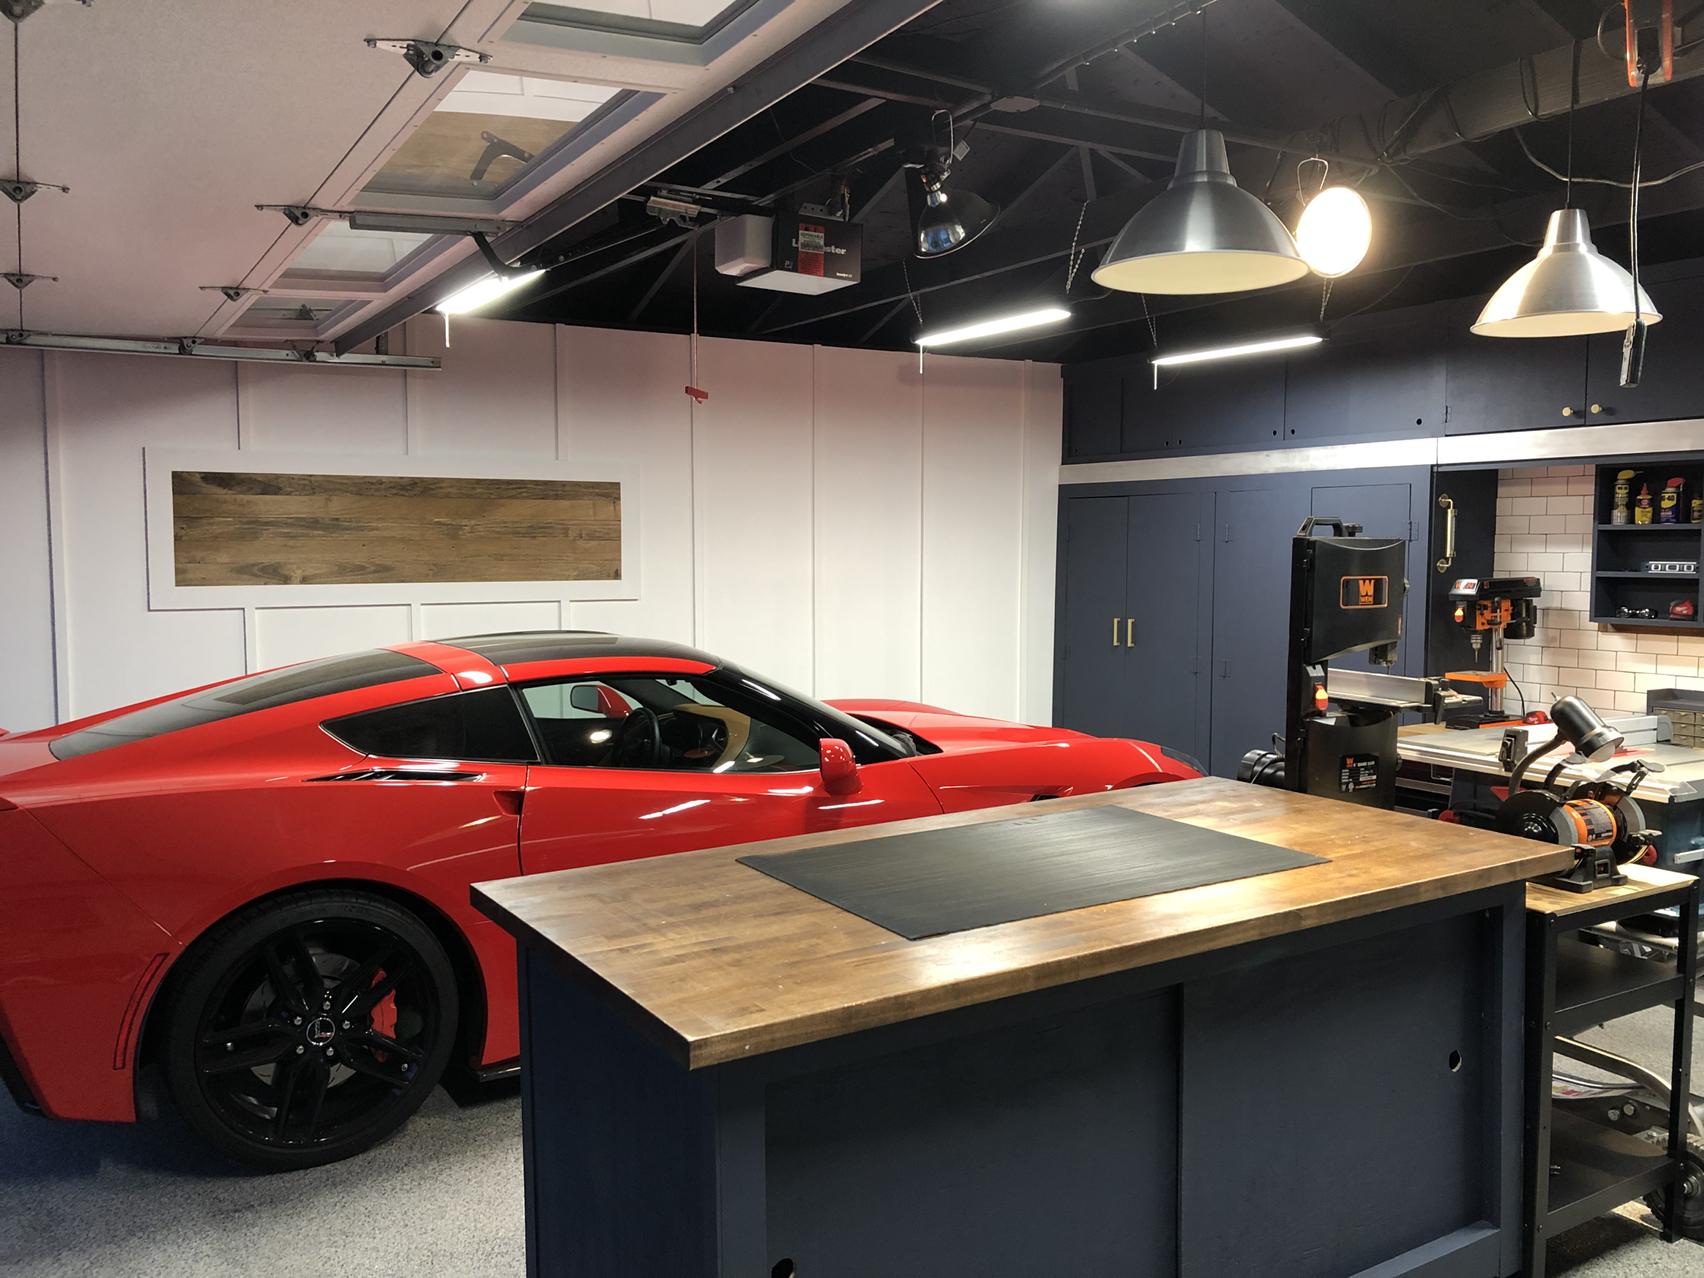 Garage Remodel All Diy Corvetteforum Chevrolet Corvette